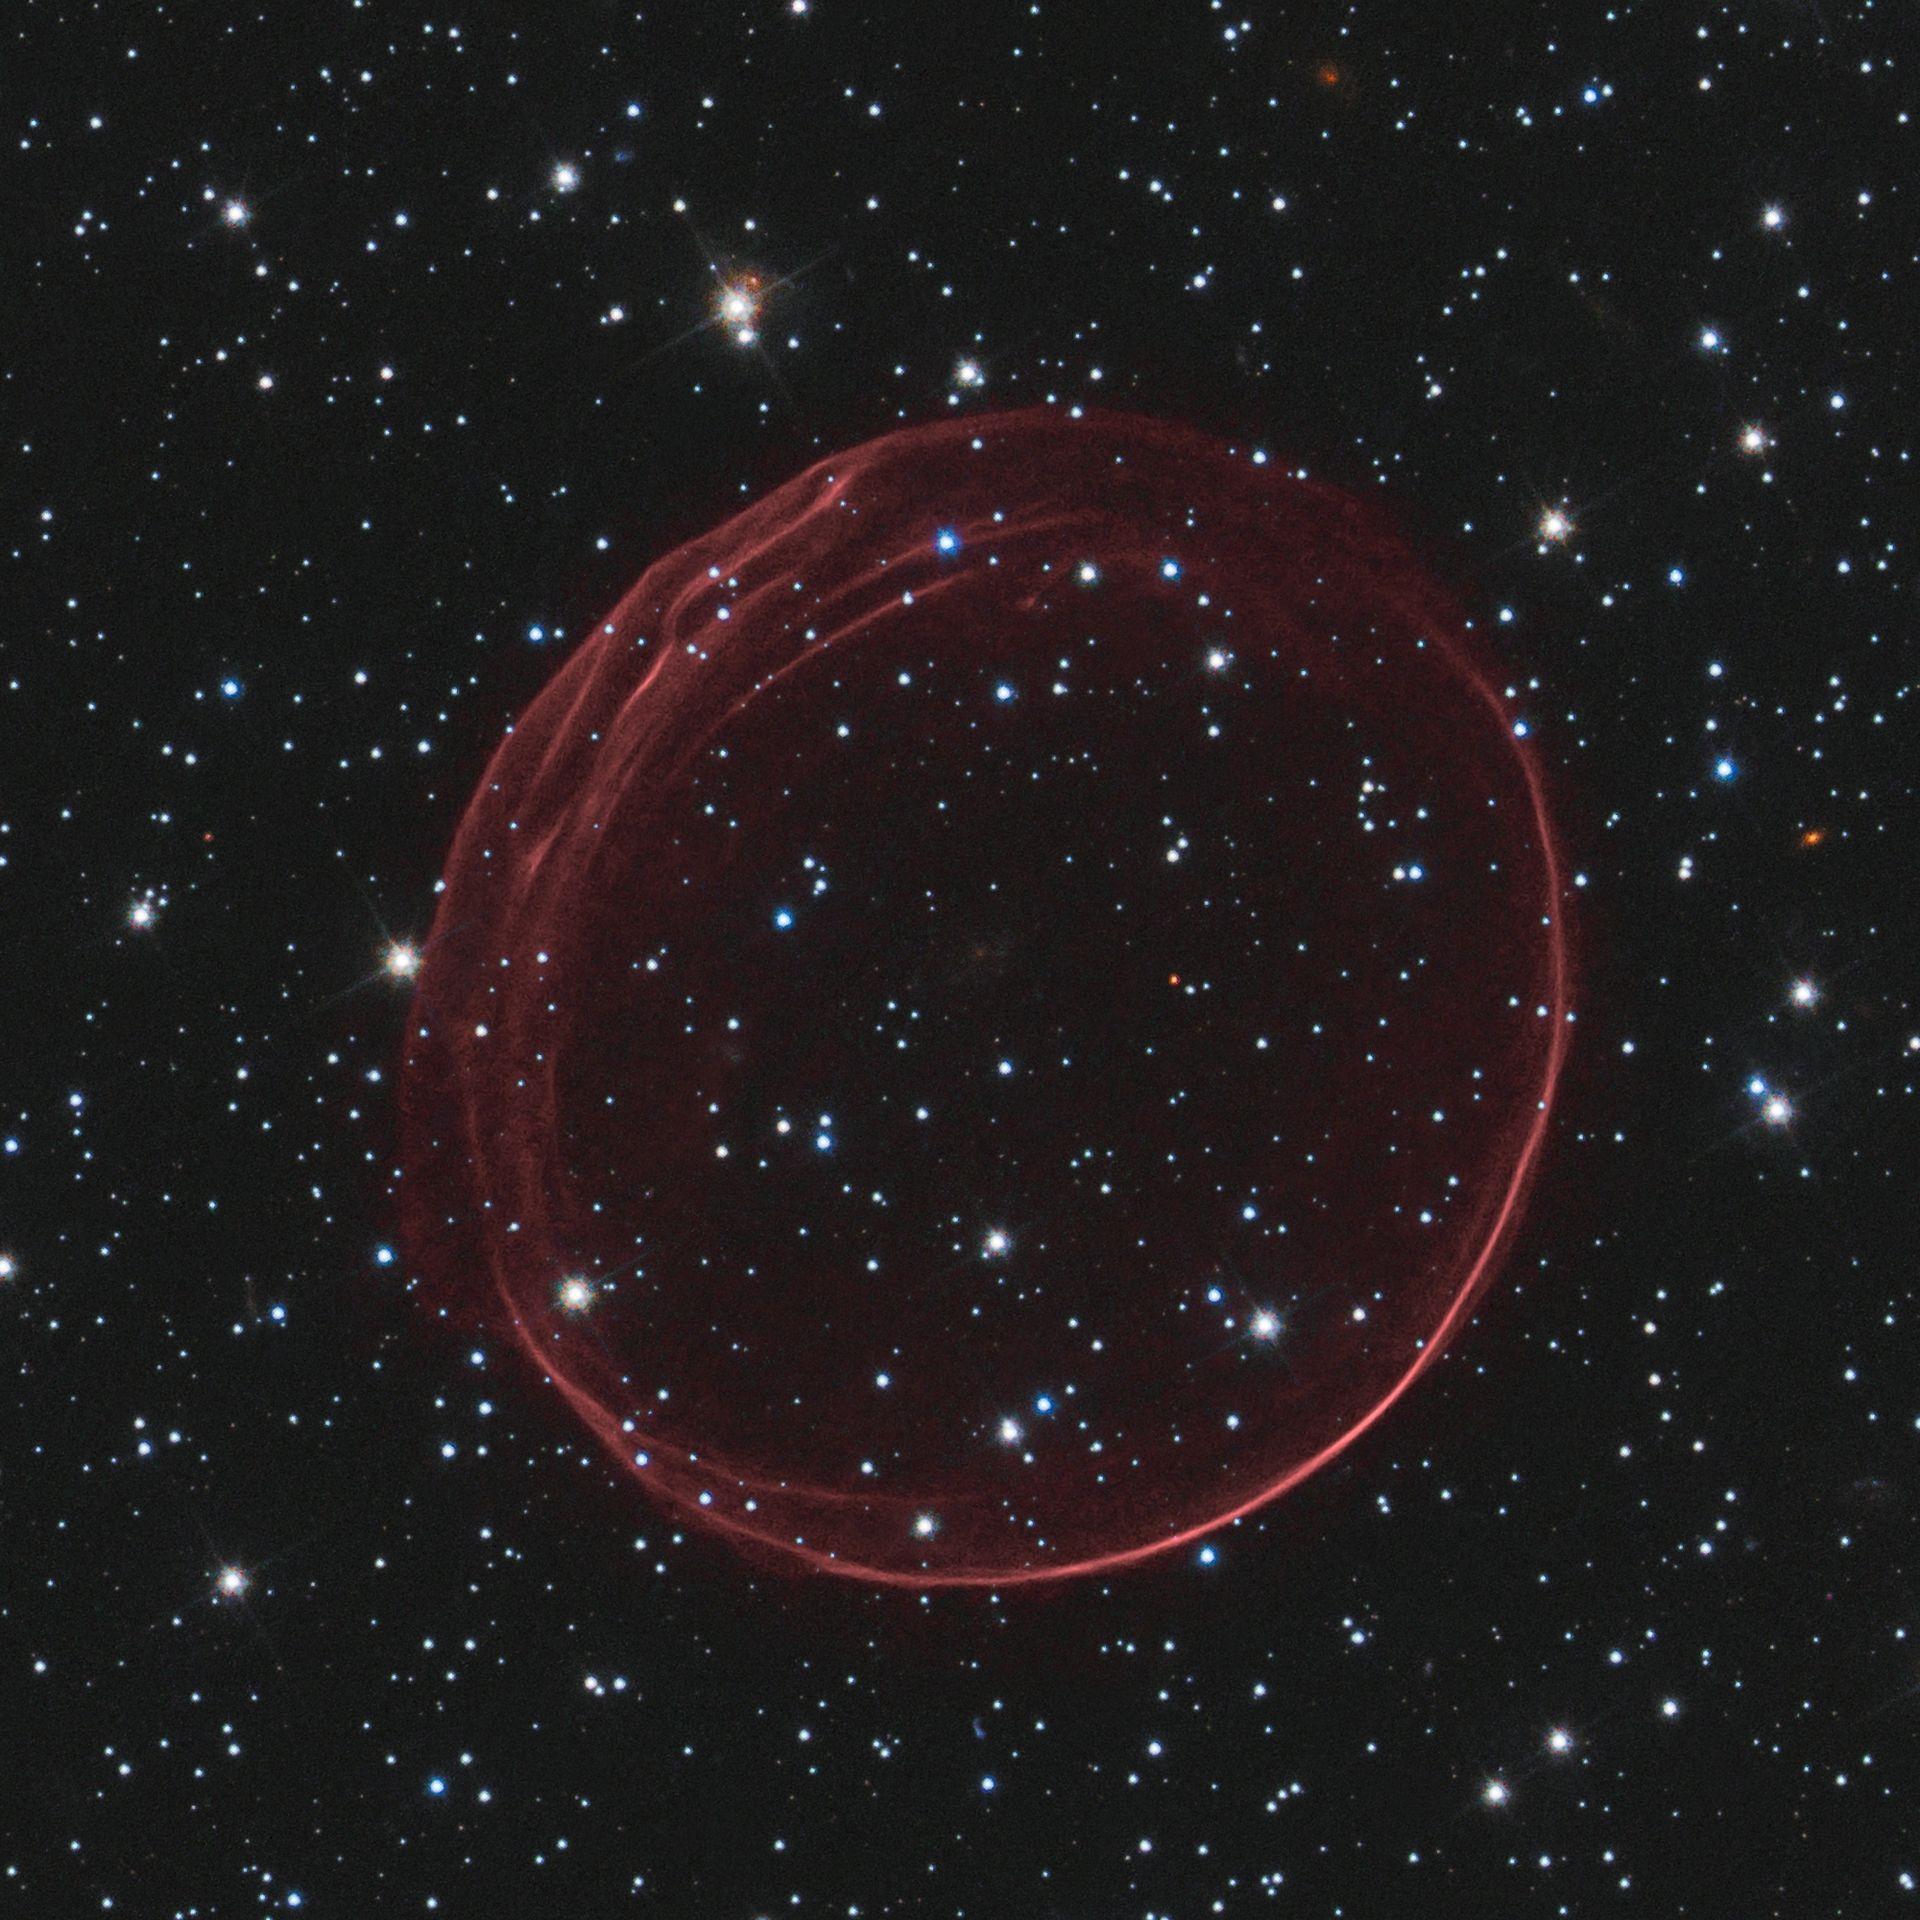 НАСА поделилось изображением газового кольца, образовавшегося в результате взрыва сверхновой